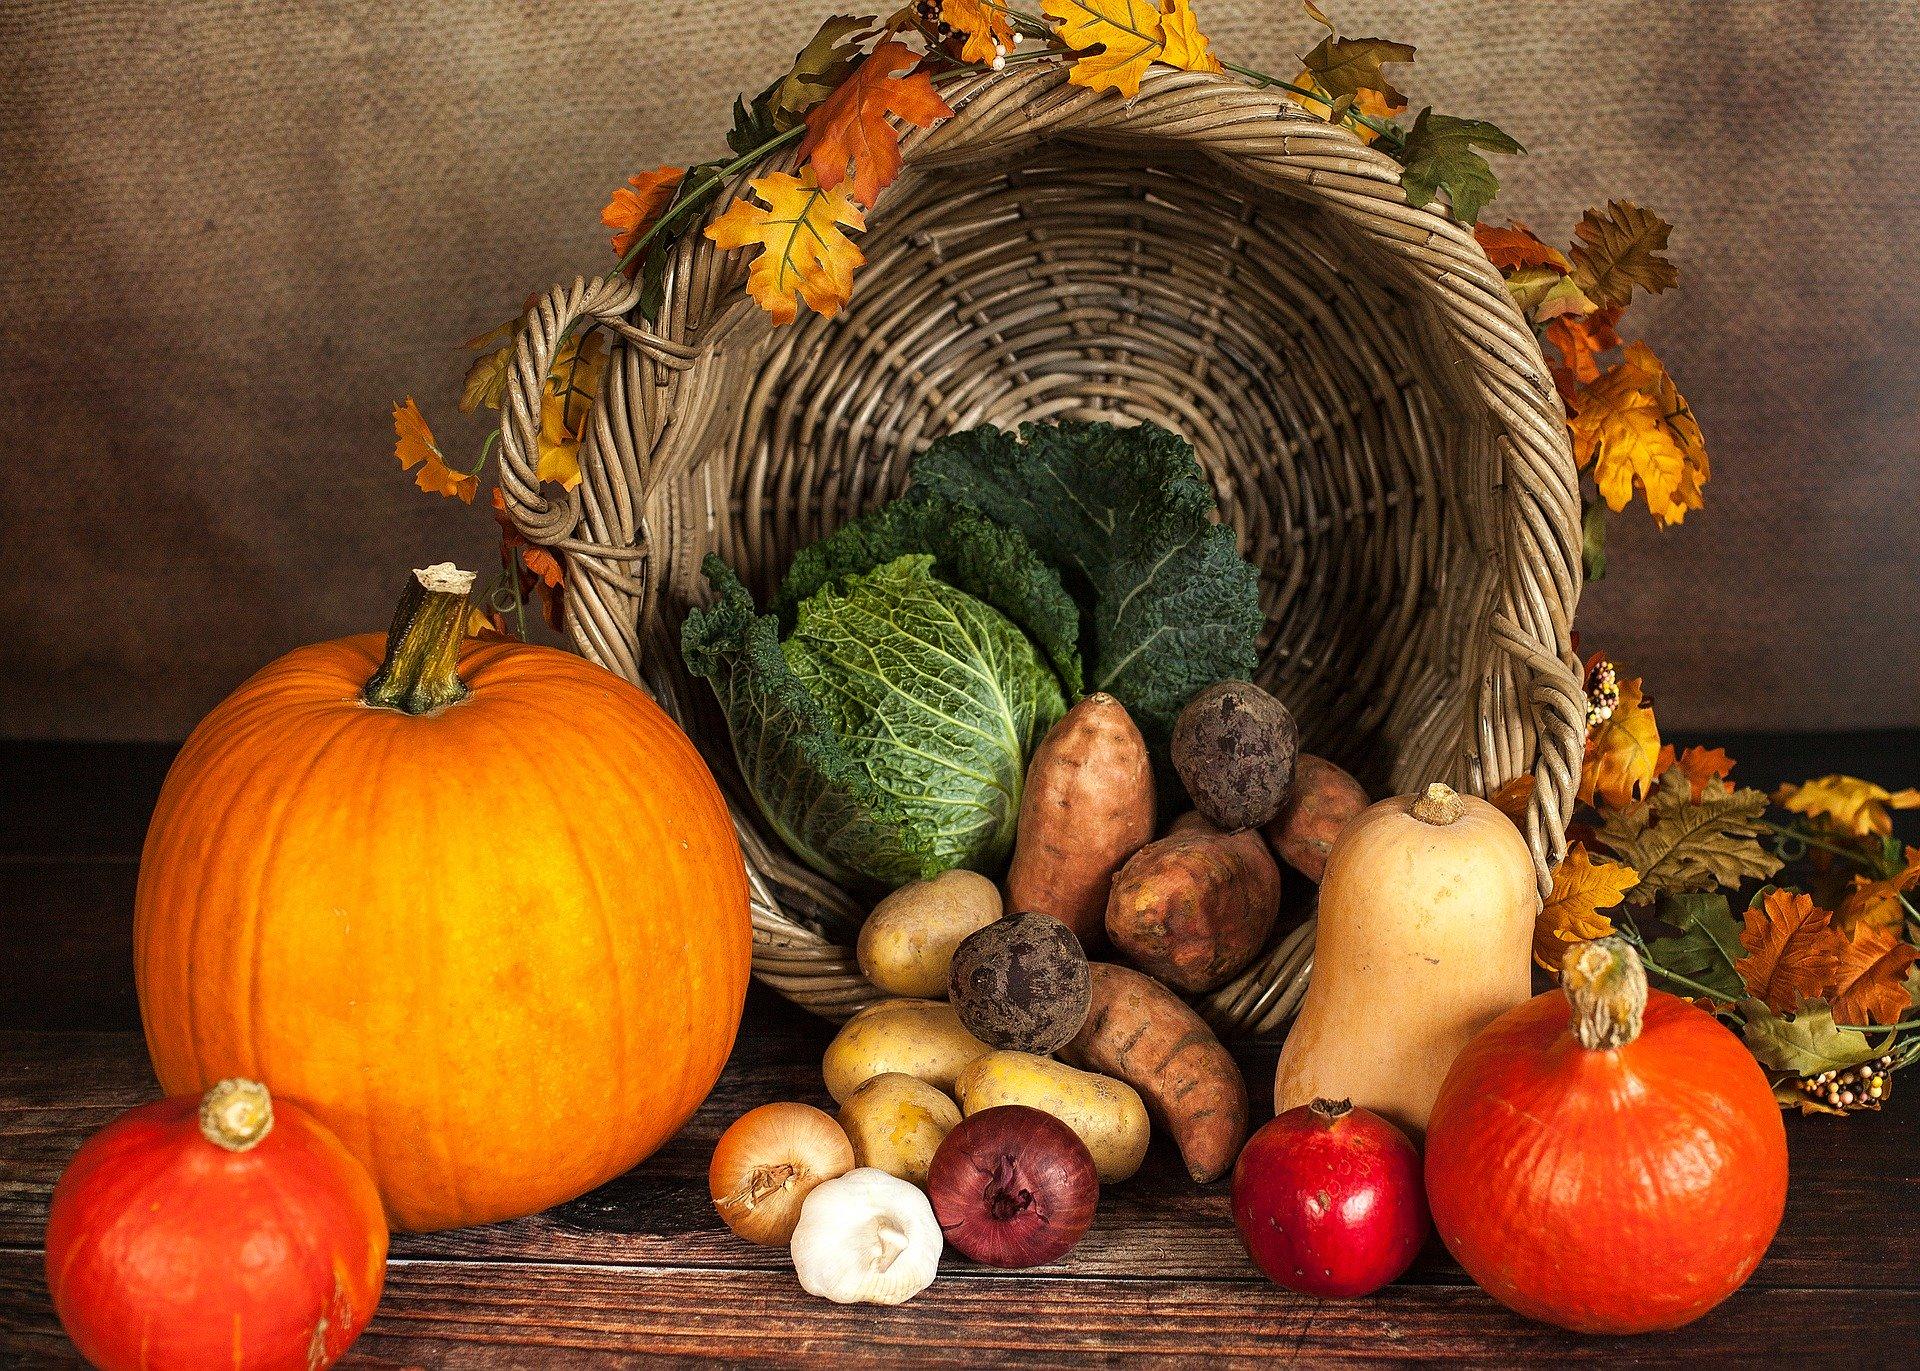 Stilleben mit Kürbissen, Korb, Kartoffeln, Zwiebeln, Wirsing und anderem Gemüse